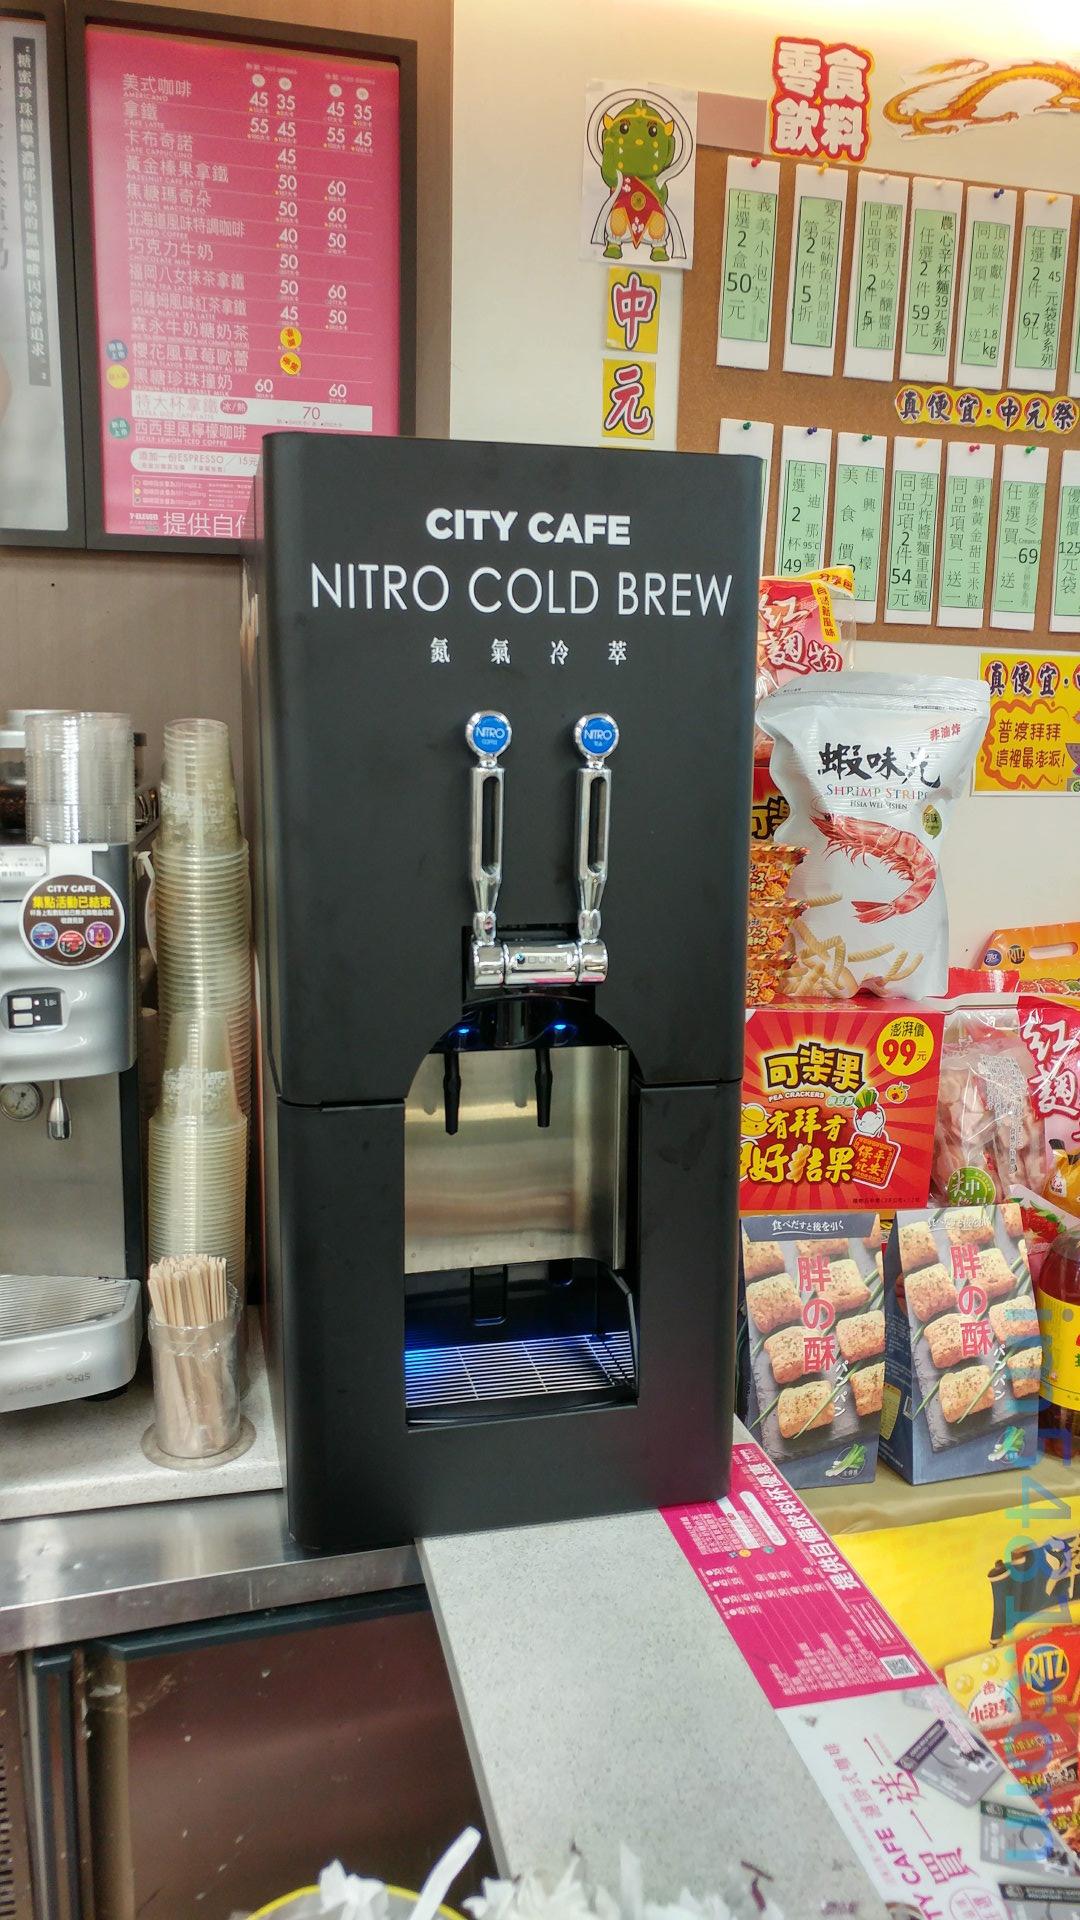 7-11氮氣冷萃咖啡-02